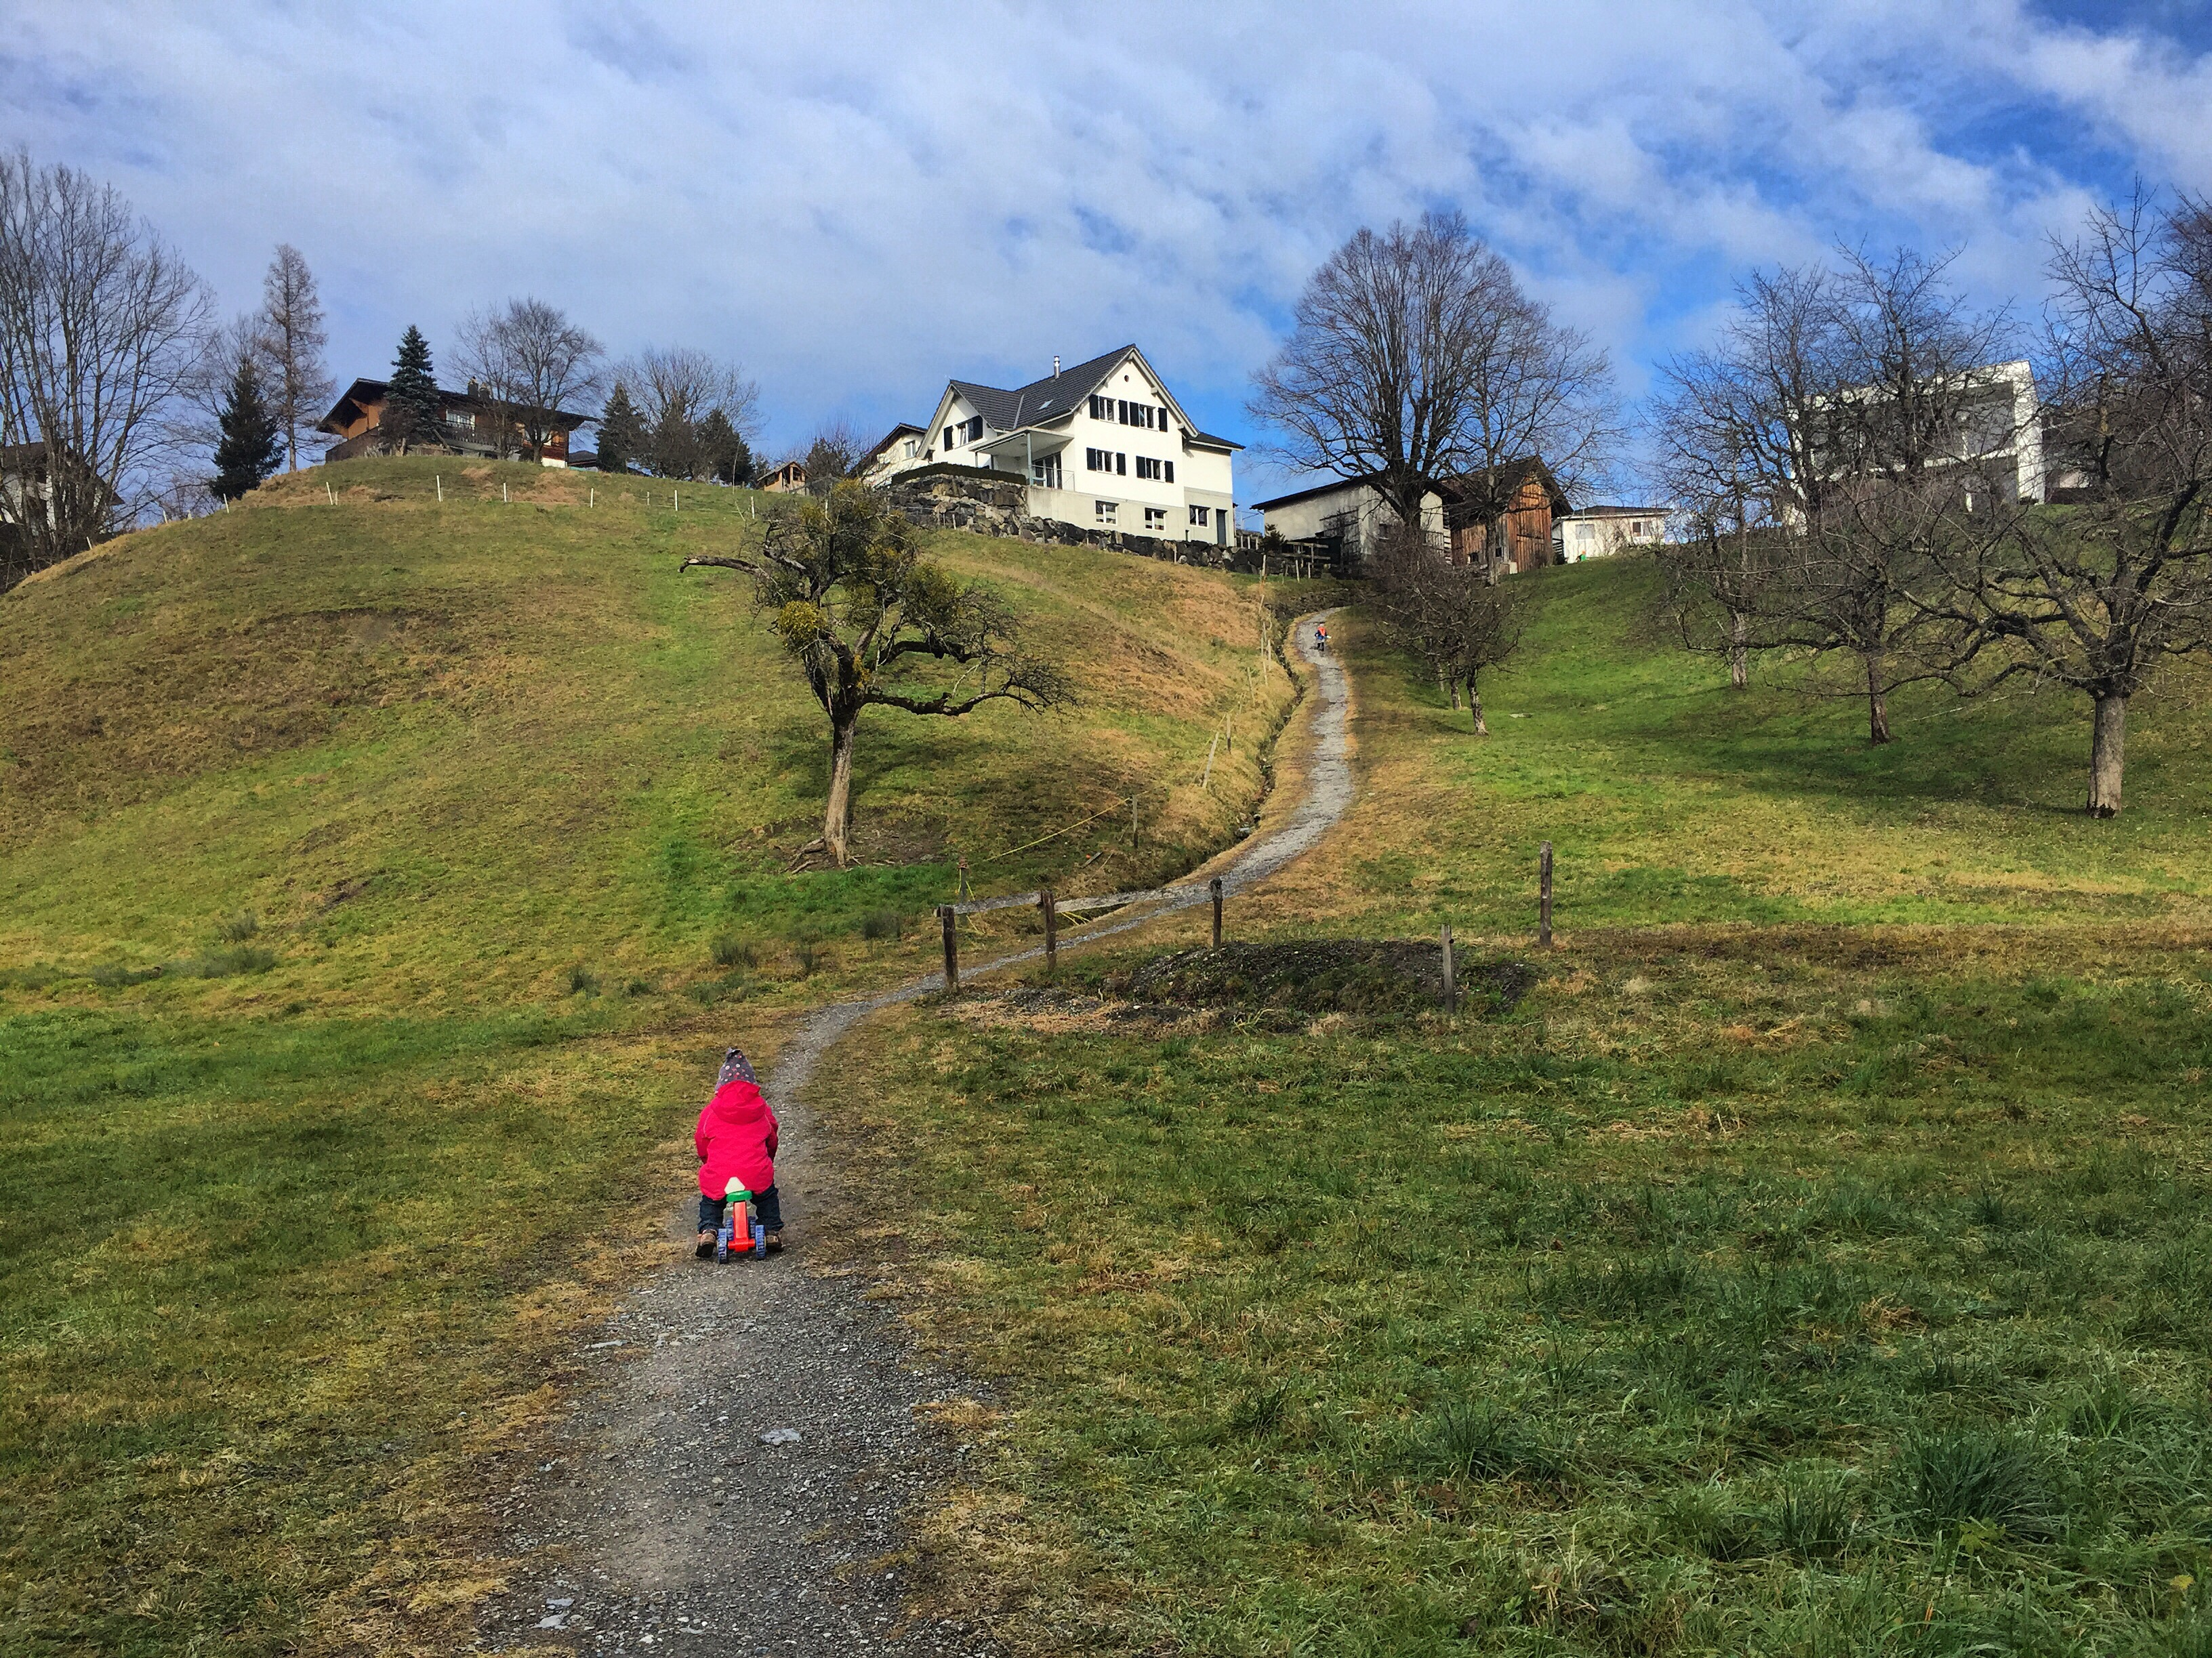 Omdat Eva 's ochtends al te laat op school kwam, gingen we haar middags ophalen. En dat was maar goed ook, ik vind haar huilend bovenop deze berg. Had ze ruzie met haar vriendinnetje gehad.